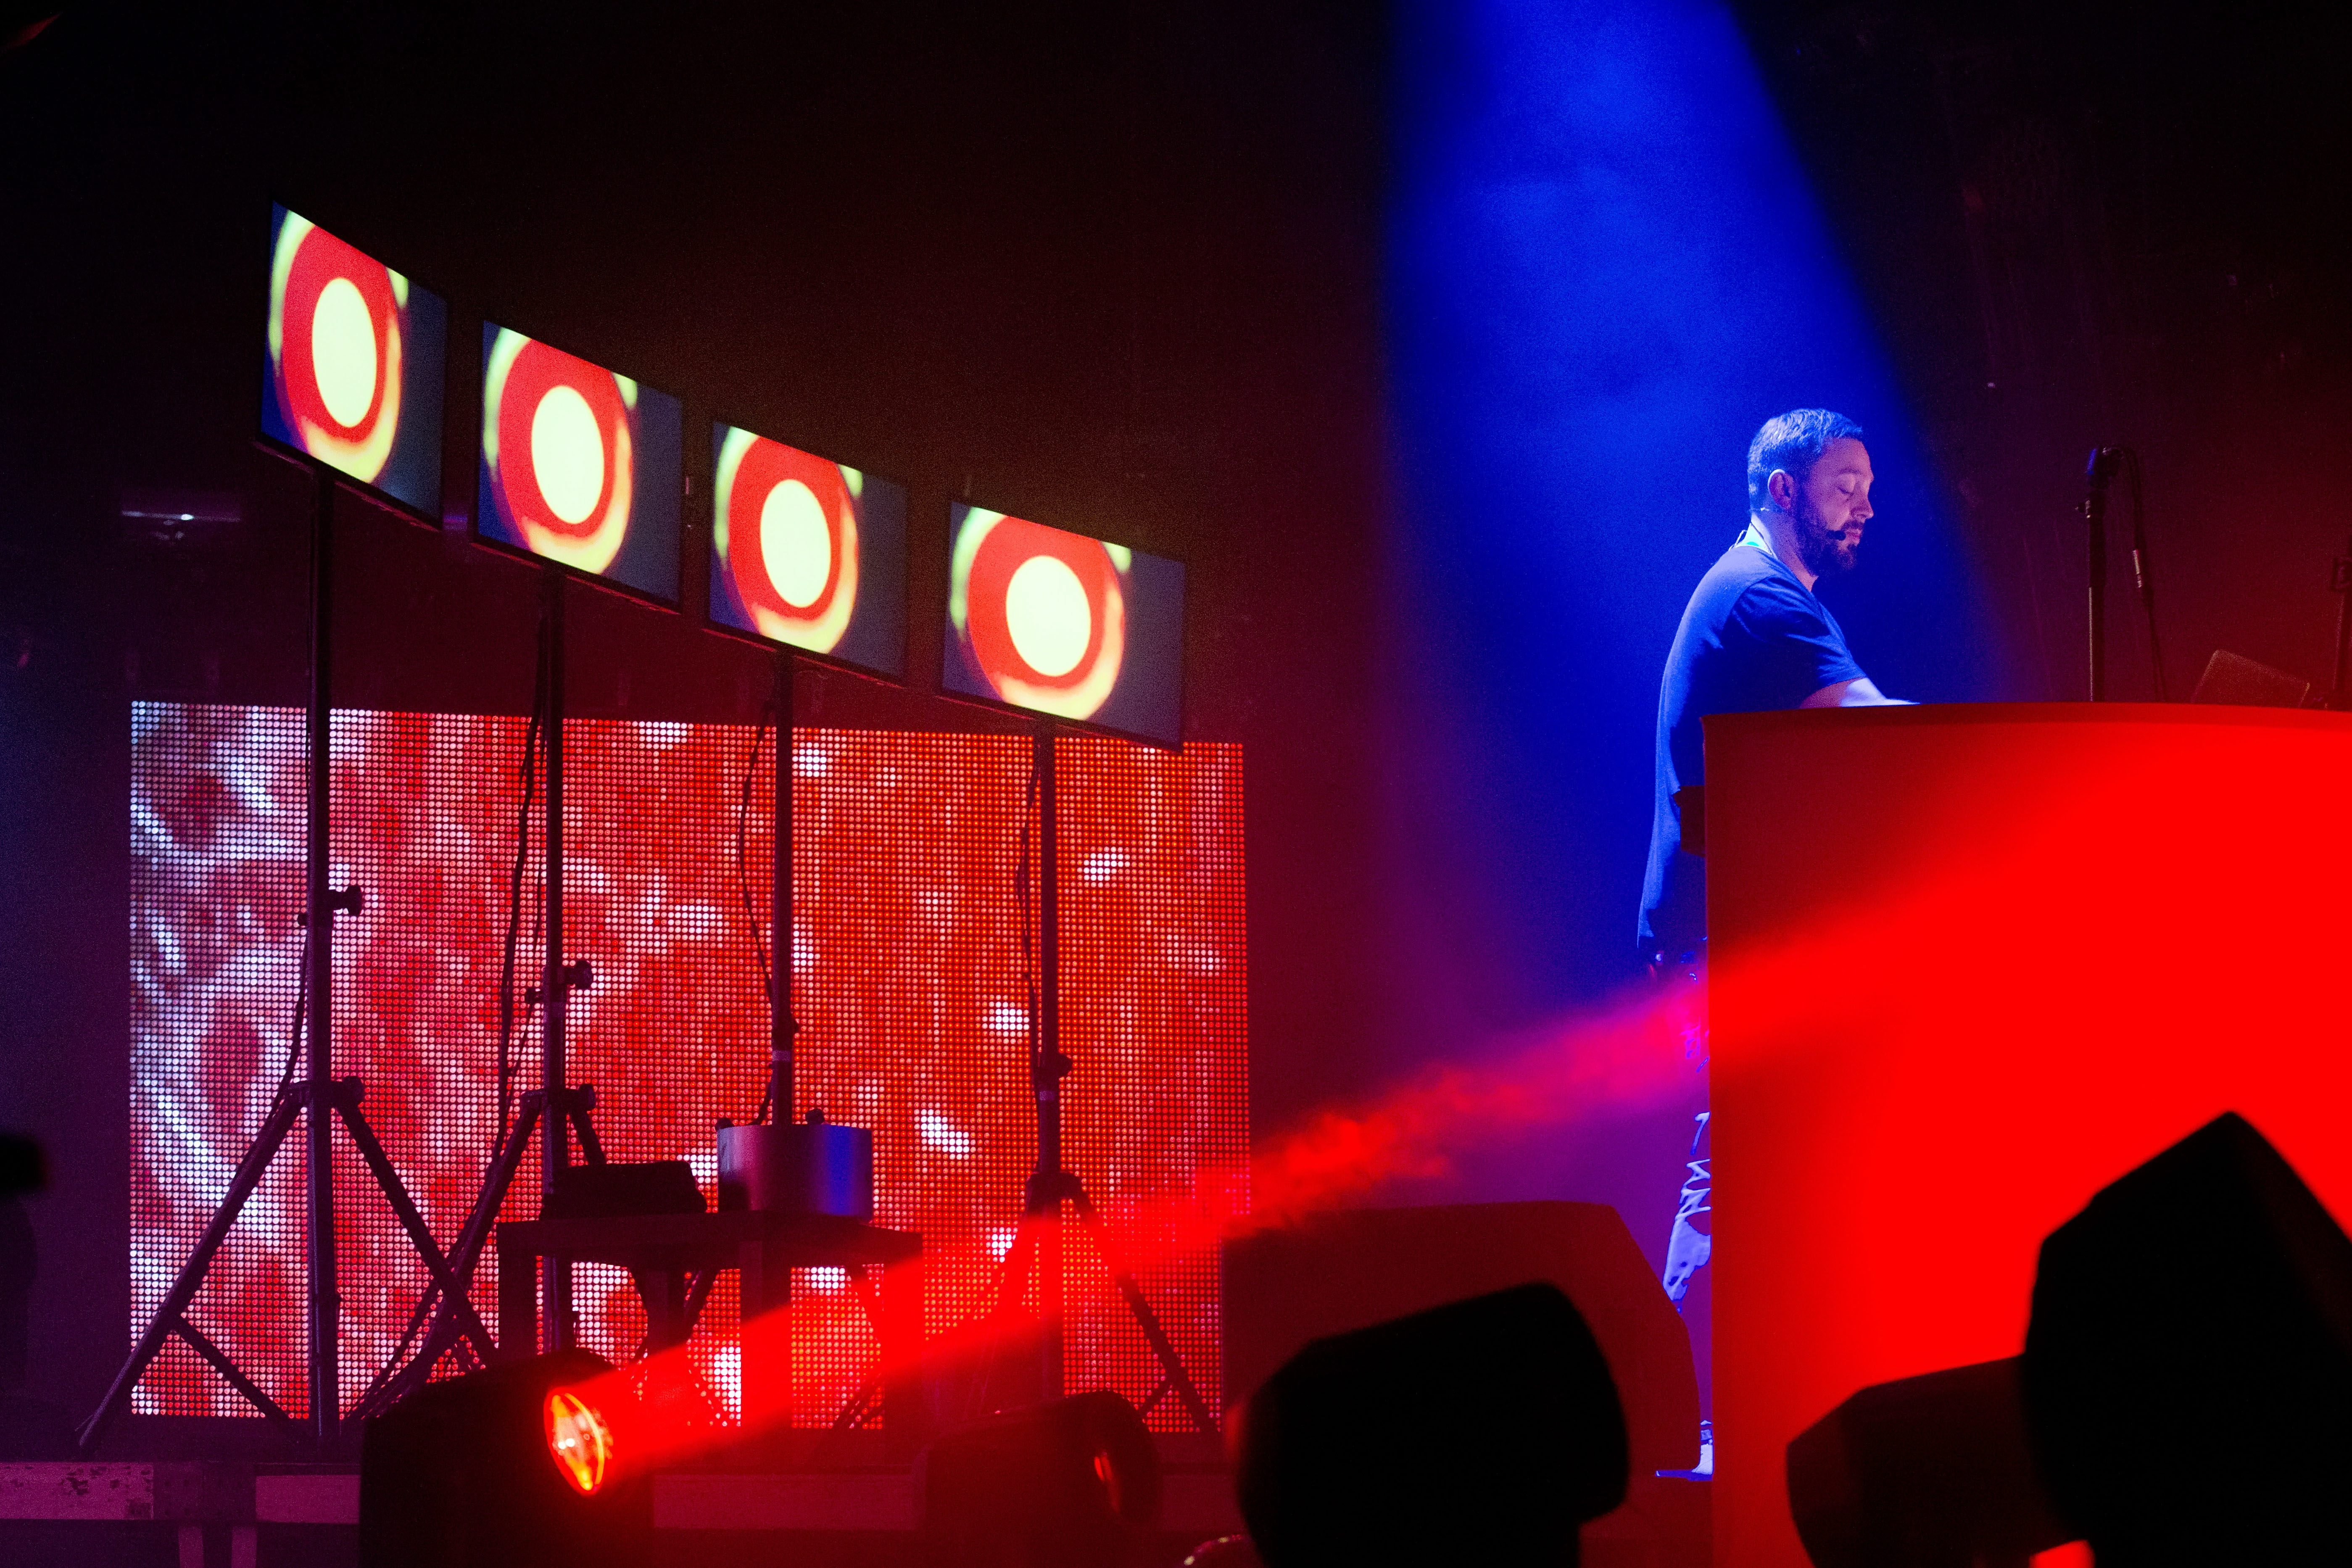 Saenger und Musikproduzent Fritz Kalkbrenner bei einem Konzert in der Columbiahalle in Berlin.